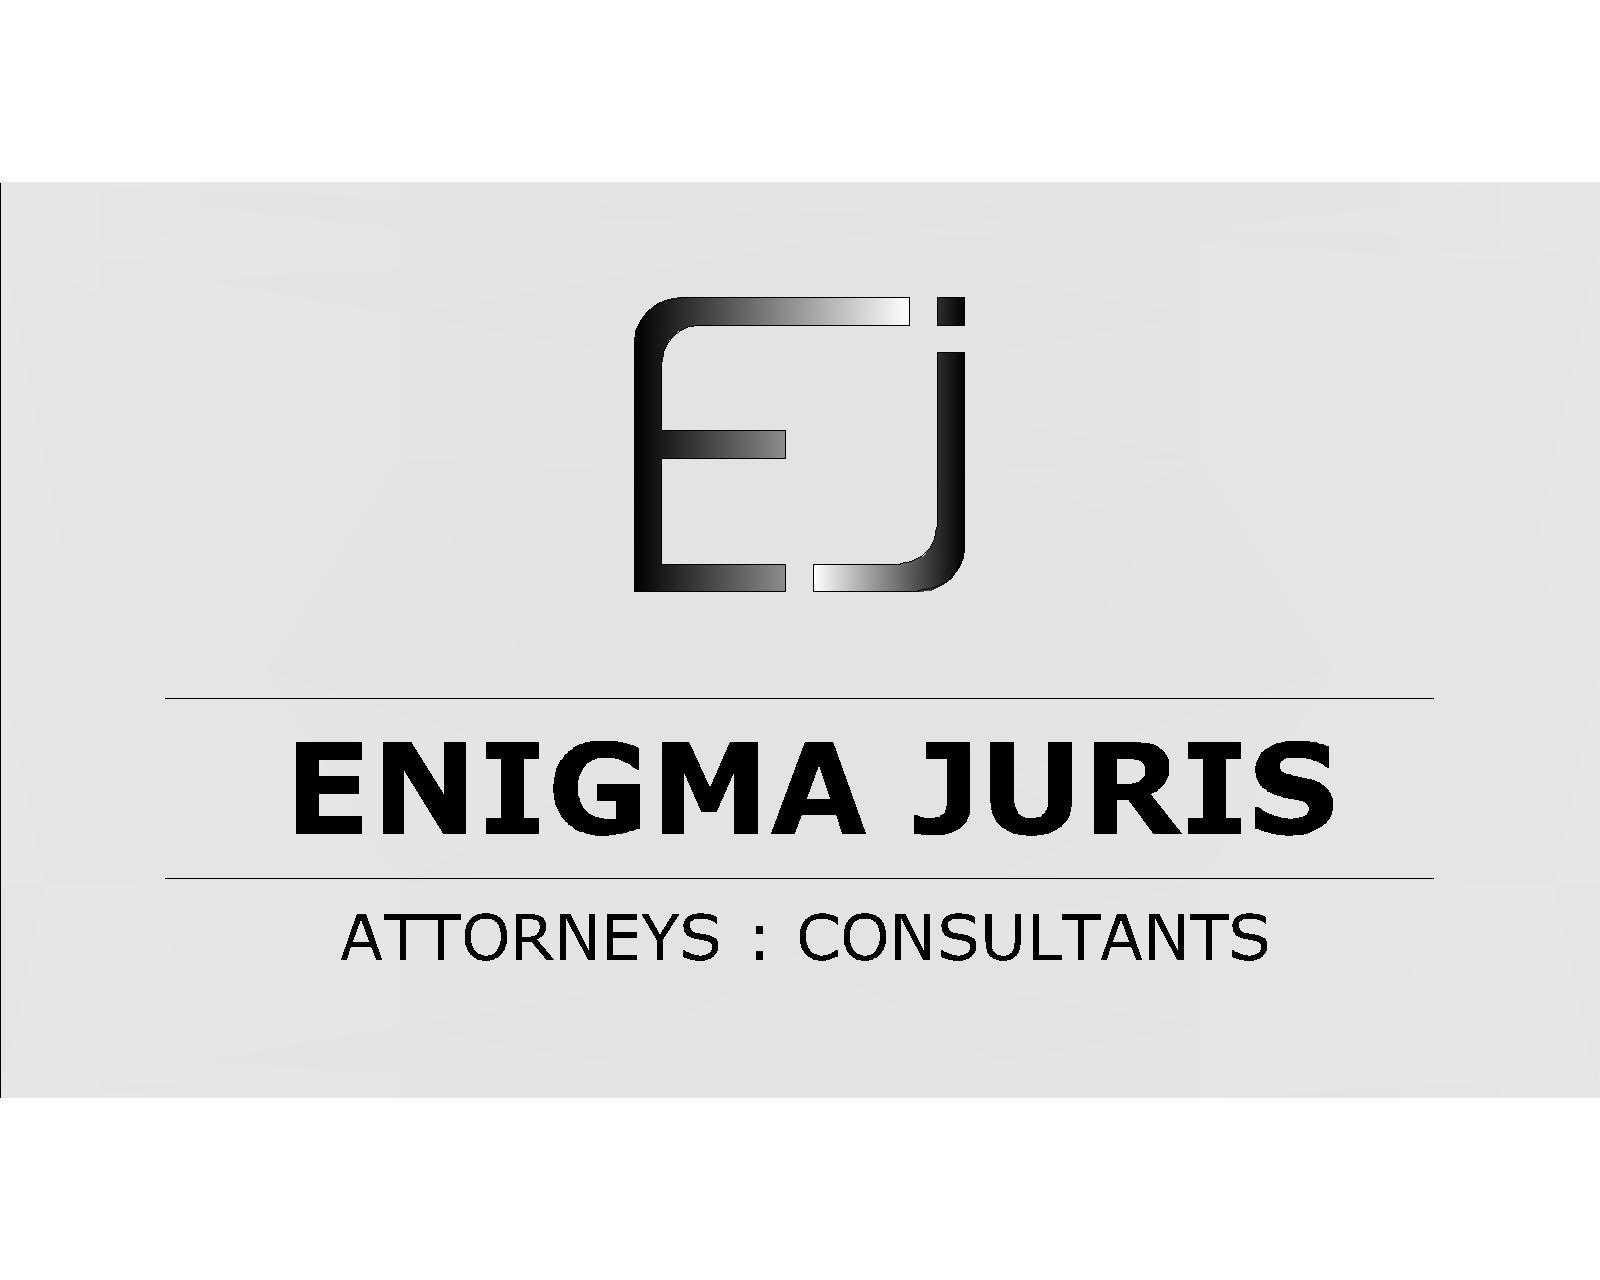 Enigma Juris Delhi Online internship